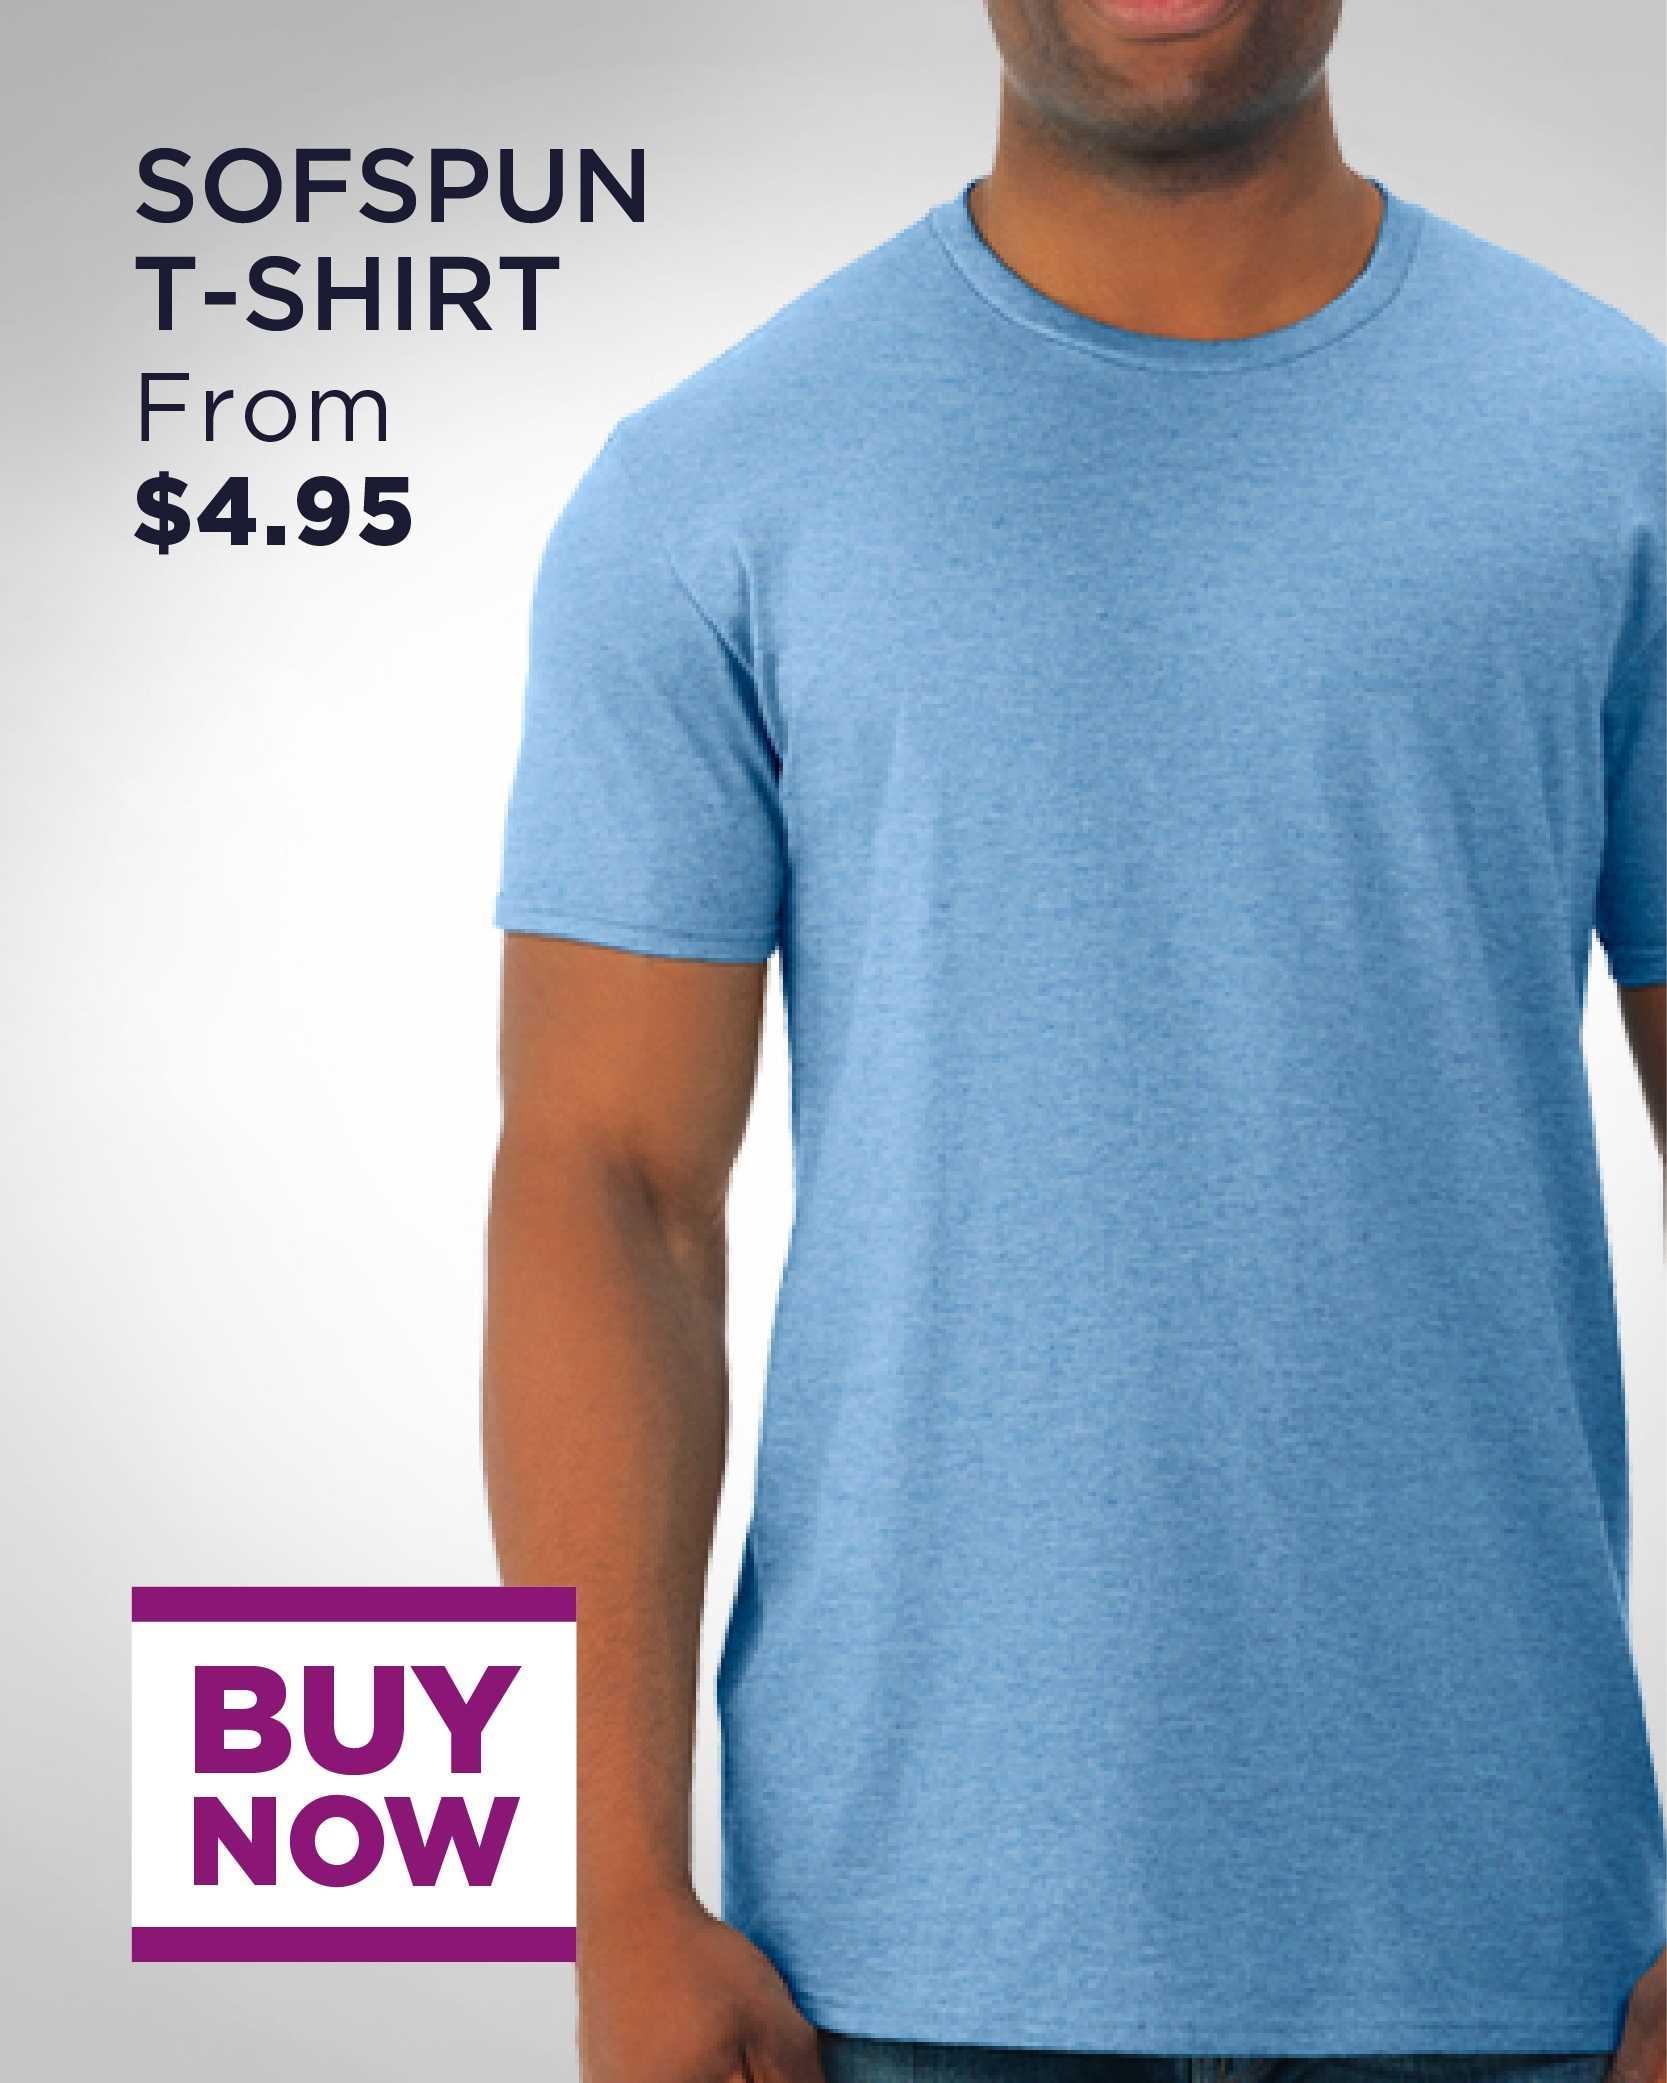 Softspun T Shirt